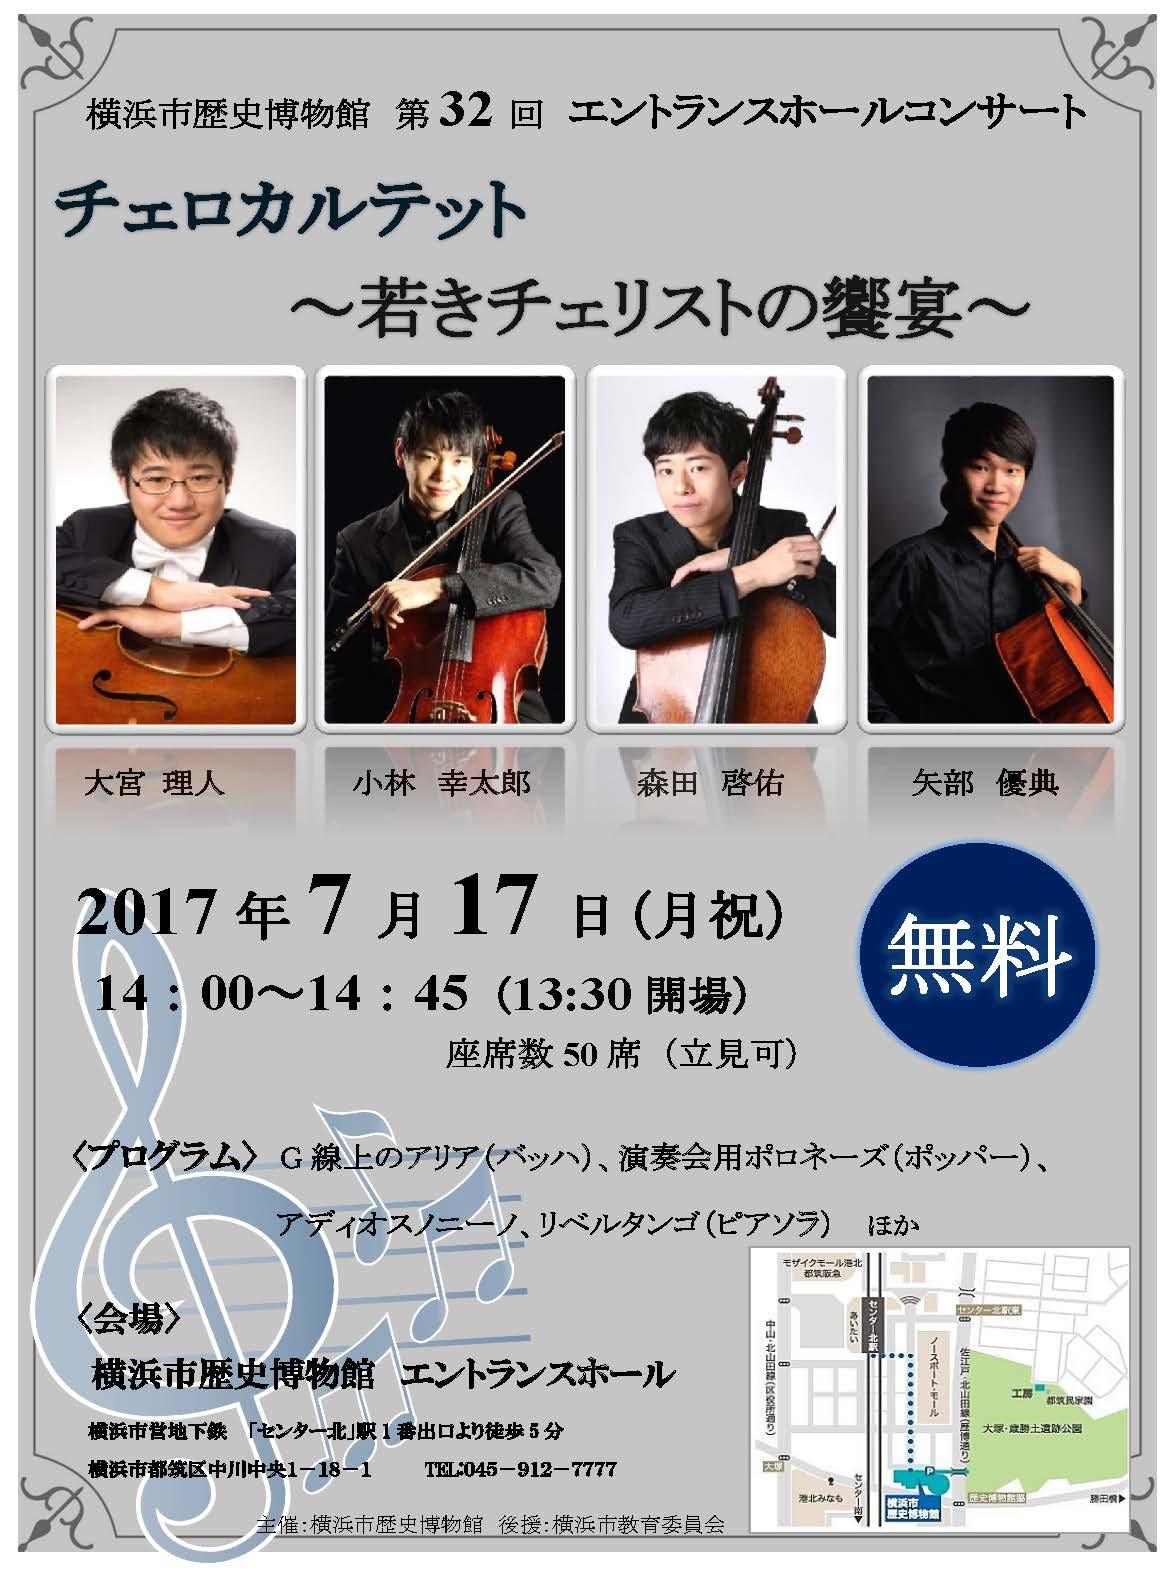 第32回エントランスホールコンサート  チェロカルテット《若きチェリストによる饗宴》